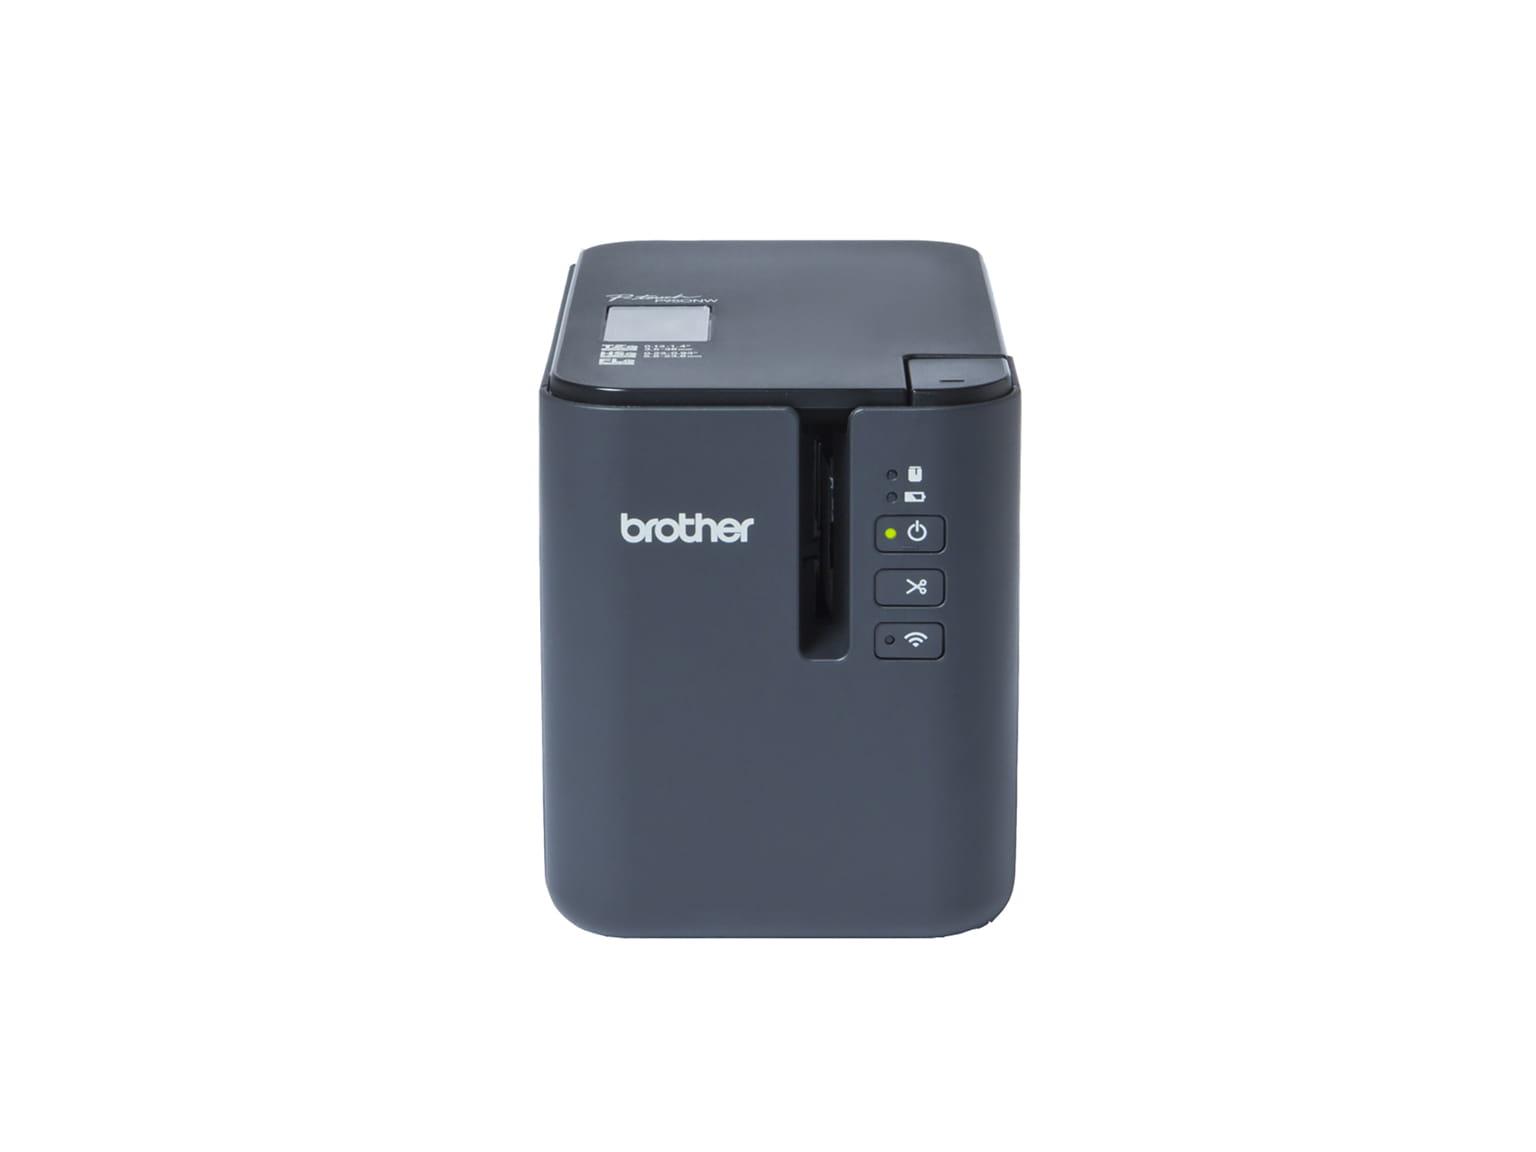 Odolná tiskárna štítků Brother P-touch PT-P950NW s USB, Wi-Fi a drátovou sítí. Tiskne štítky do šířky až 36 mm